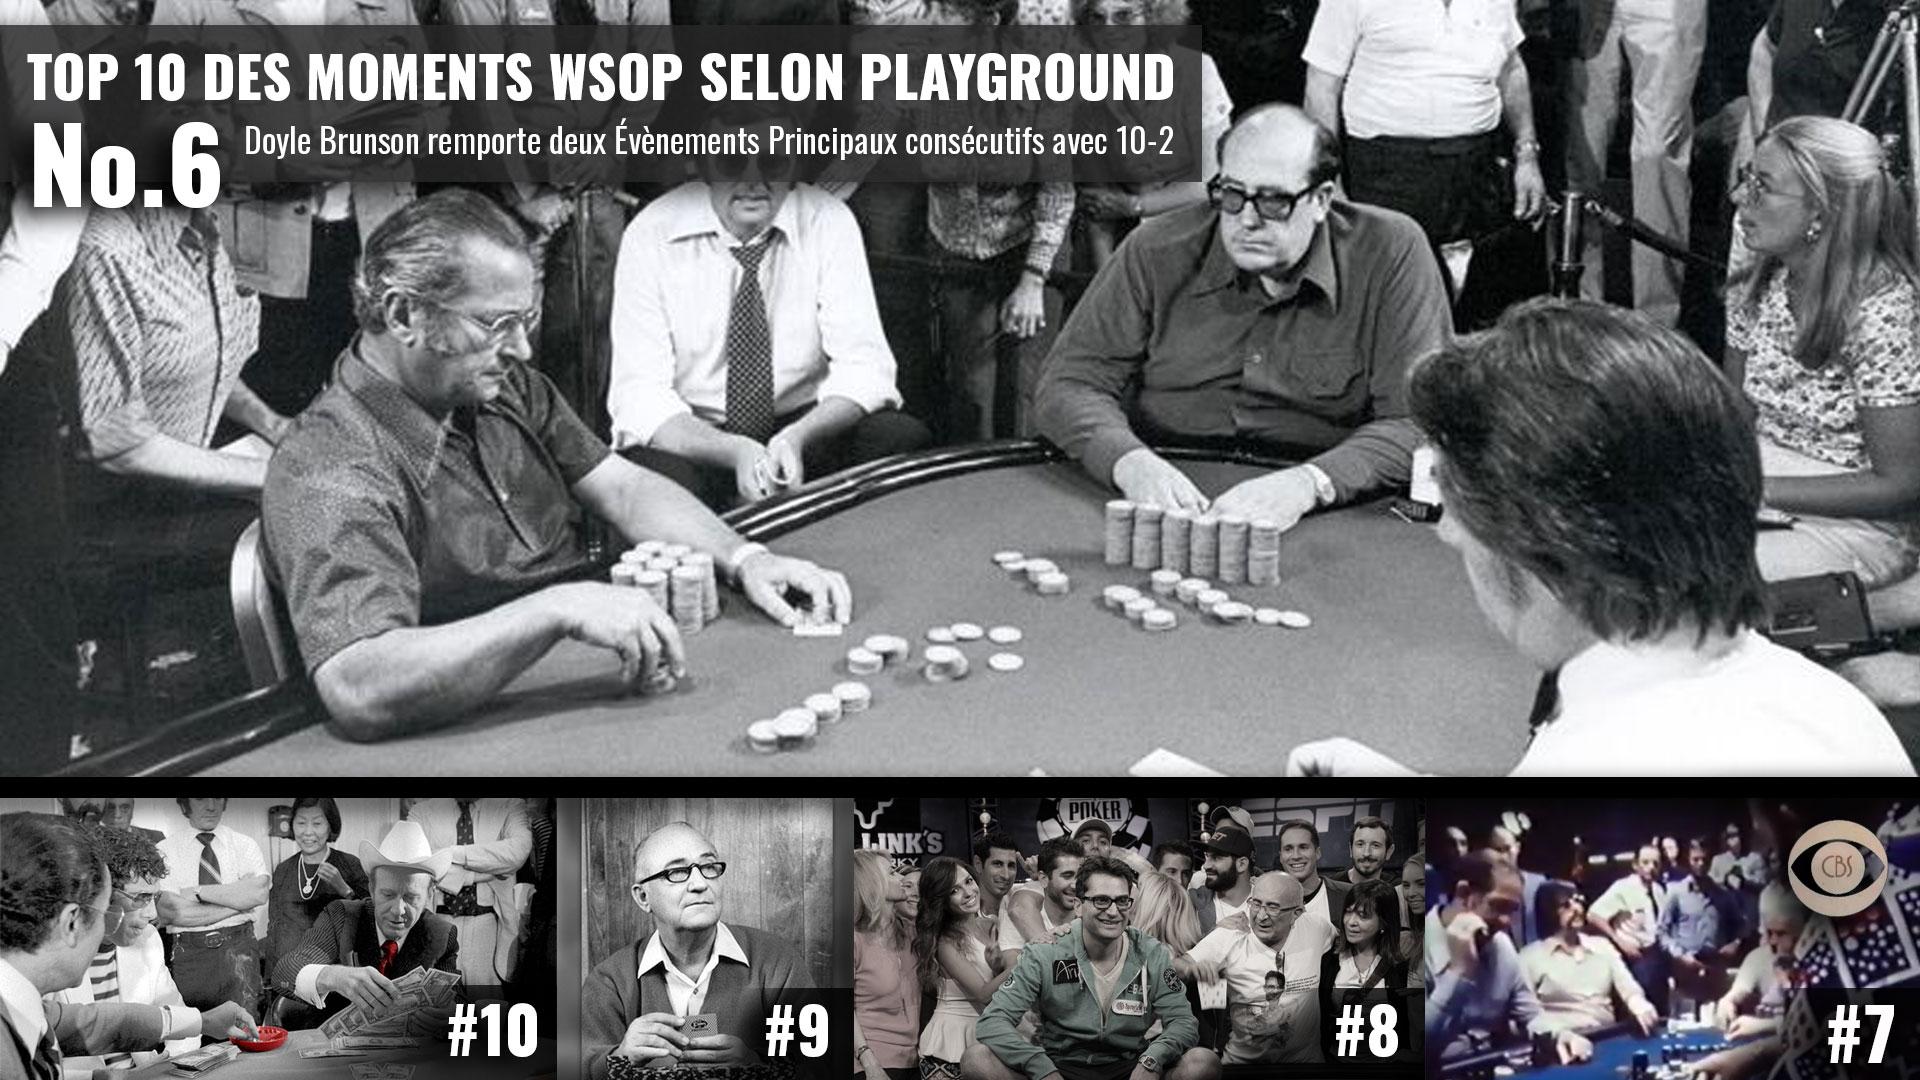 Les meilleurs moments de la riche histoire du World Series of Poker